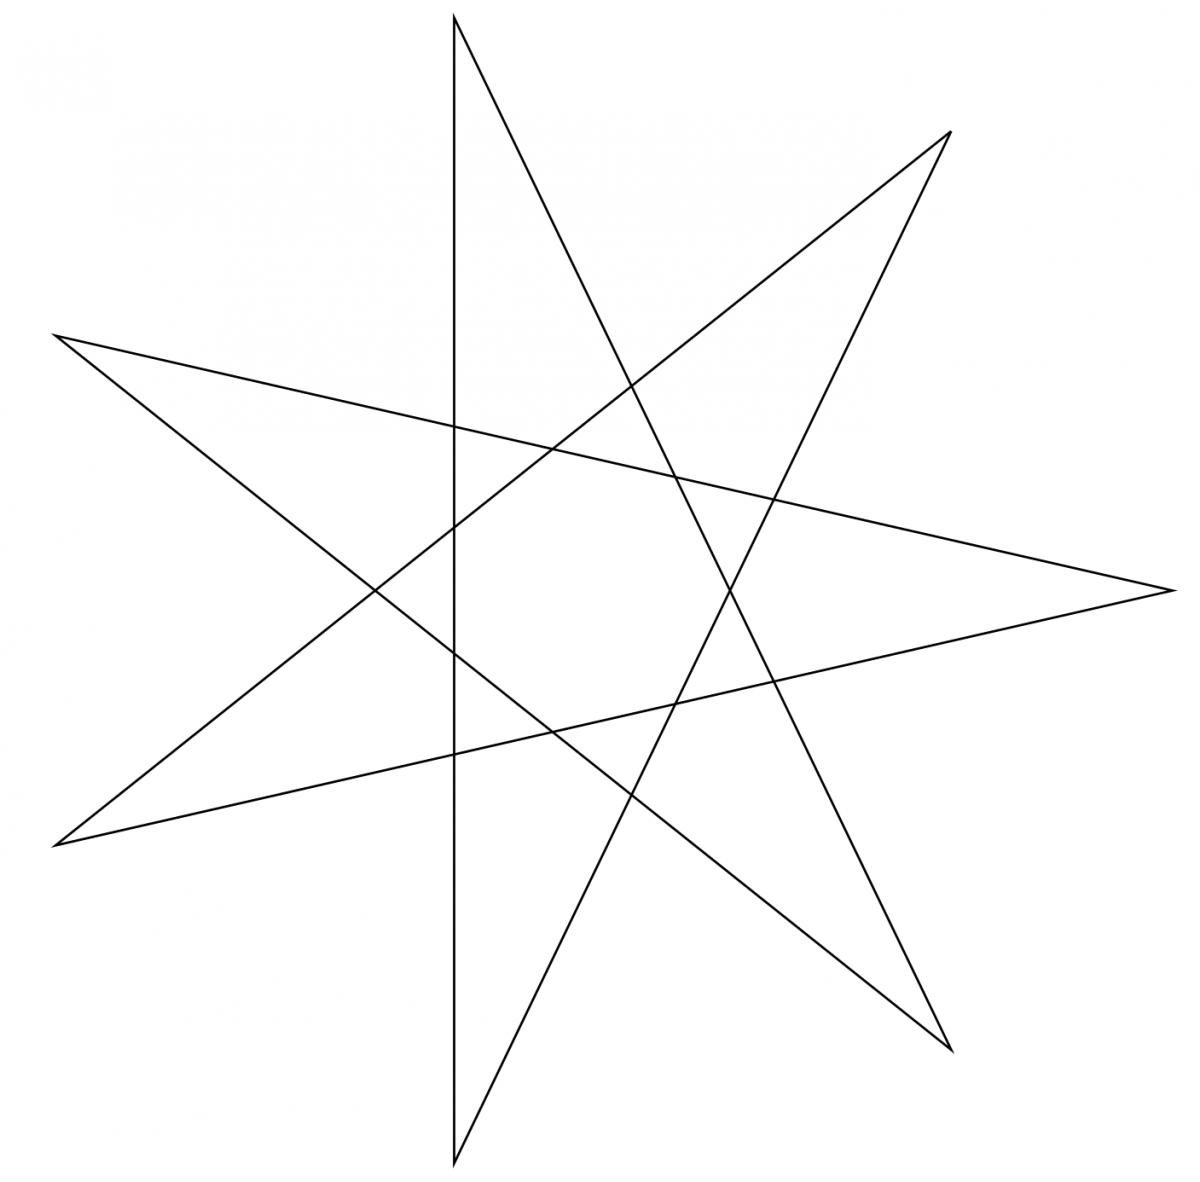 La Réponse Du Jeudi 50 Trois Polygones Culturemath